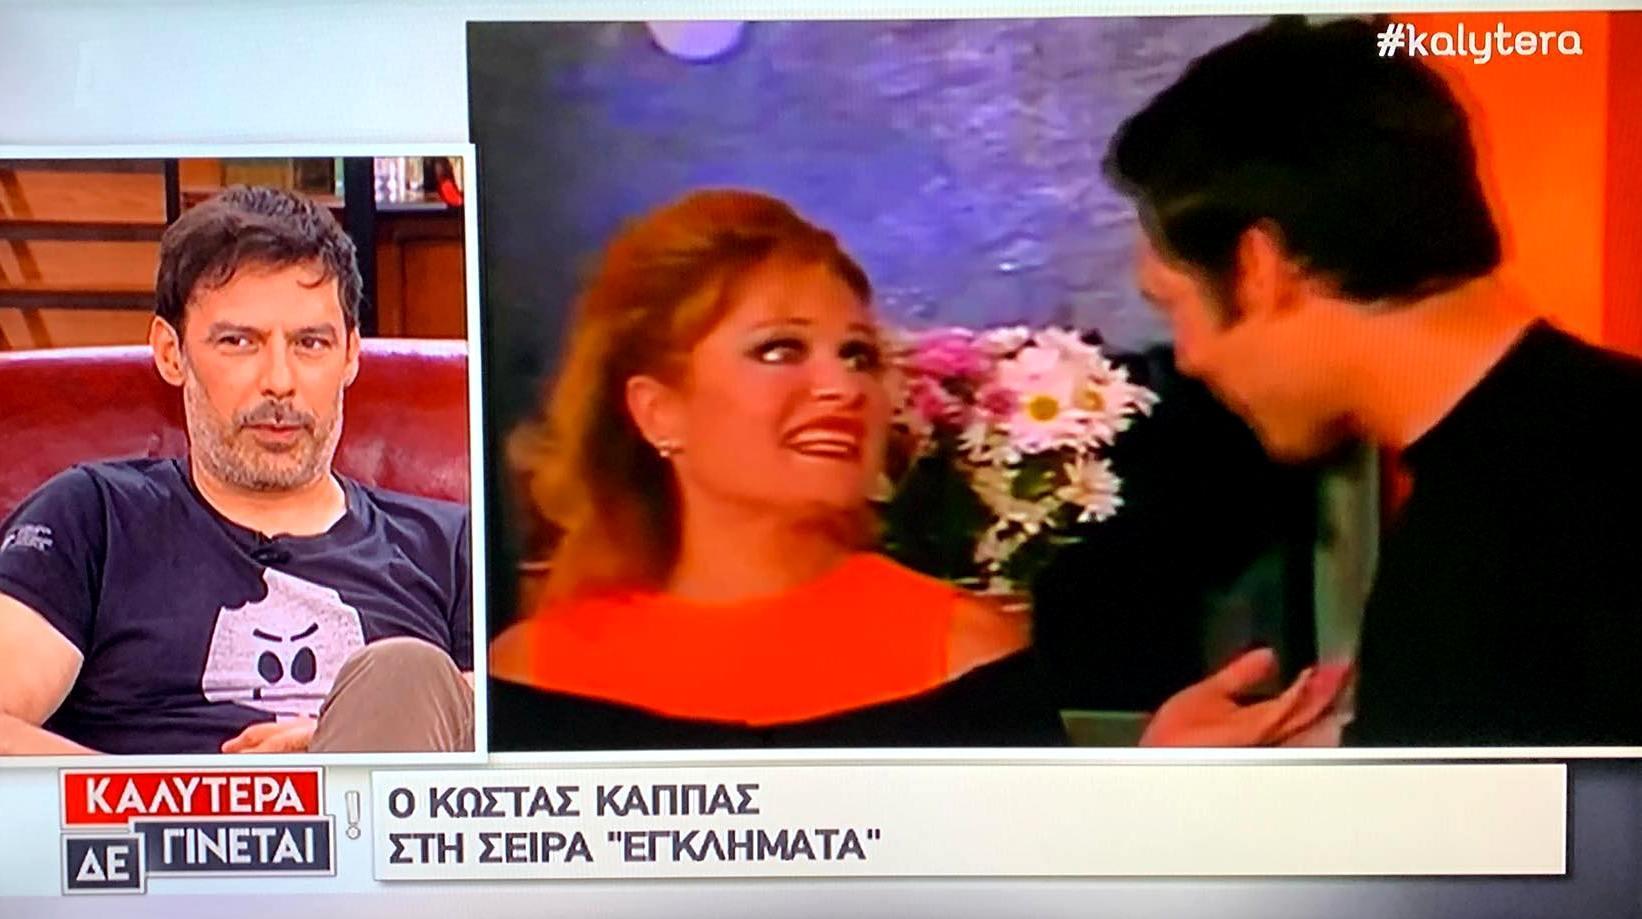 Ηθοποιός του «Κωνσταντίνου & Ελένης» έπαιξε στα «Εγκλήματα» και… δεν τον αναγνώρισε κανείς (εικόνες)